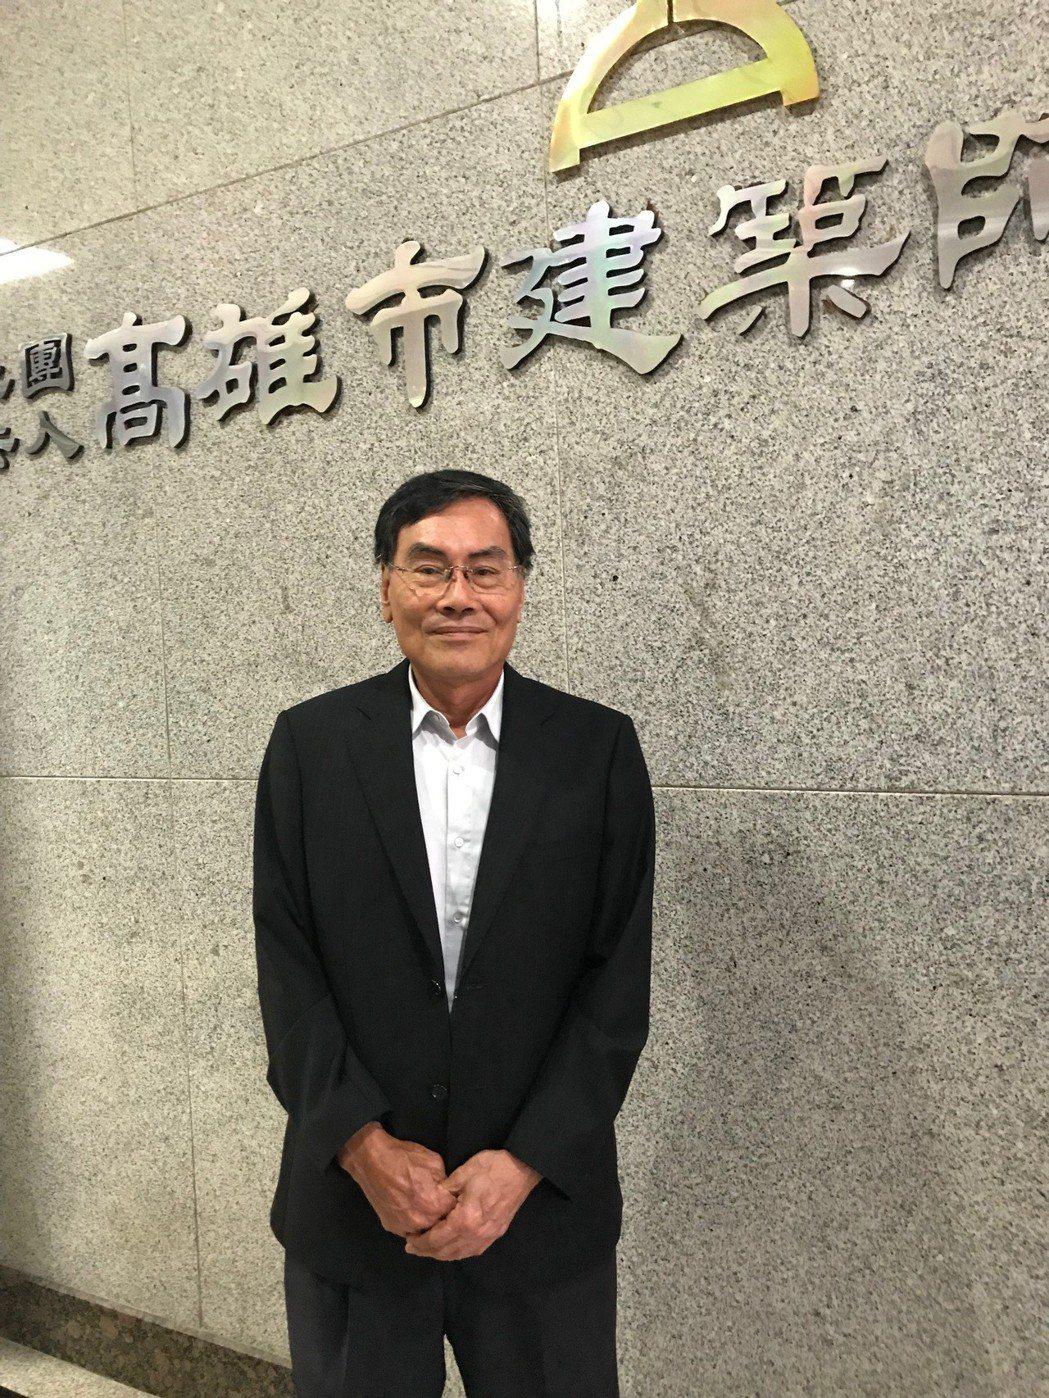 高雄市建築師公會理事長鄭純茂。 張傑/攝影